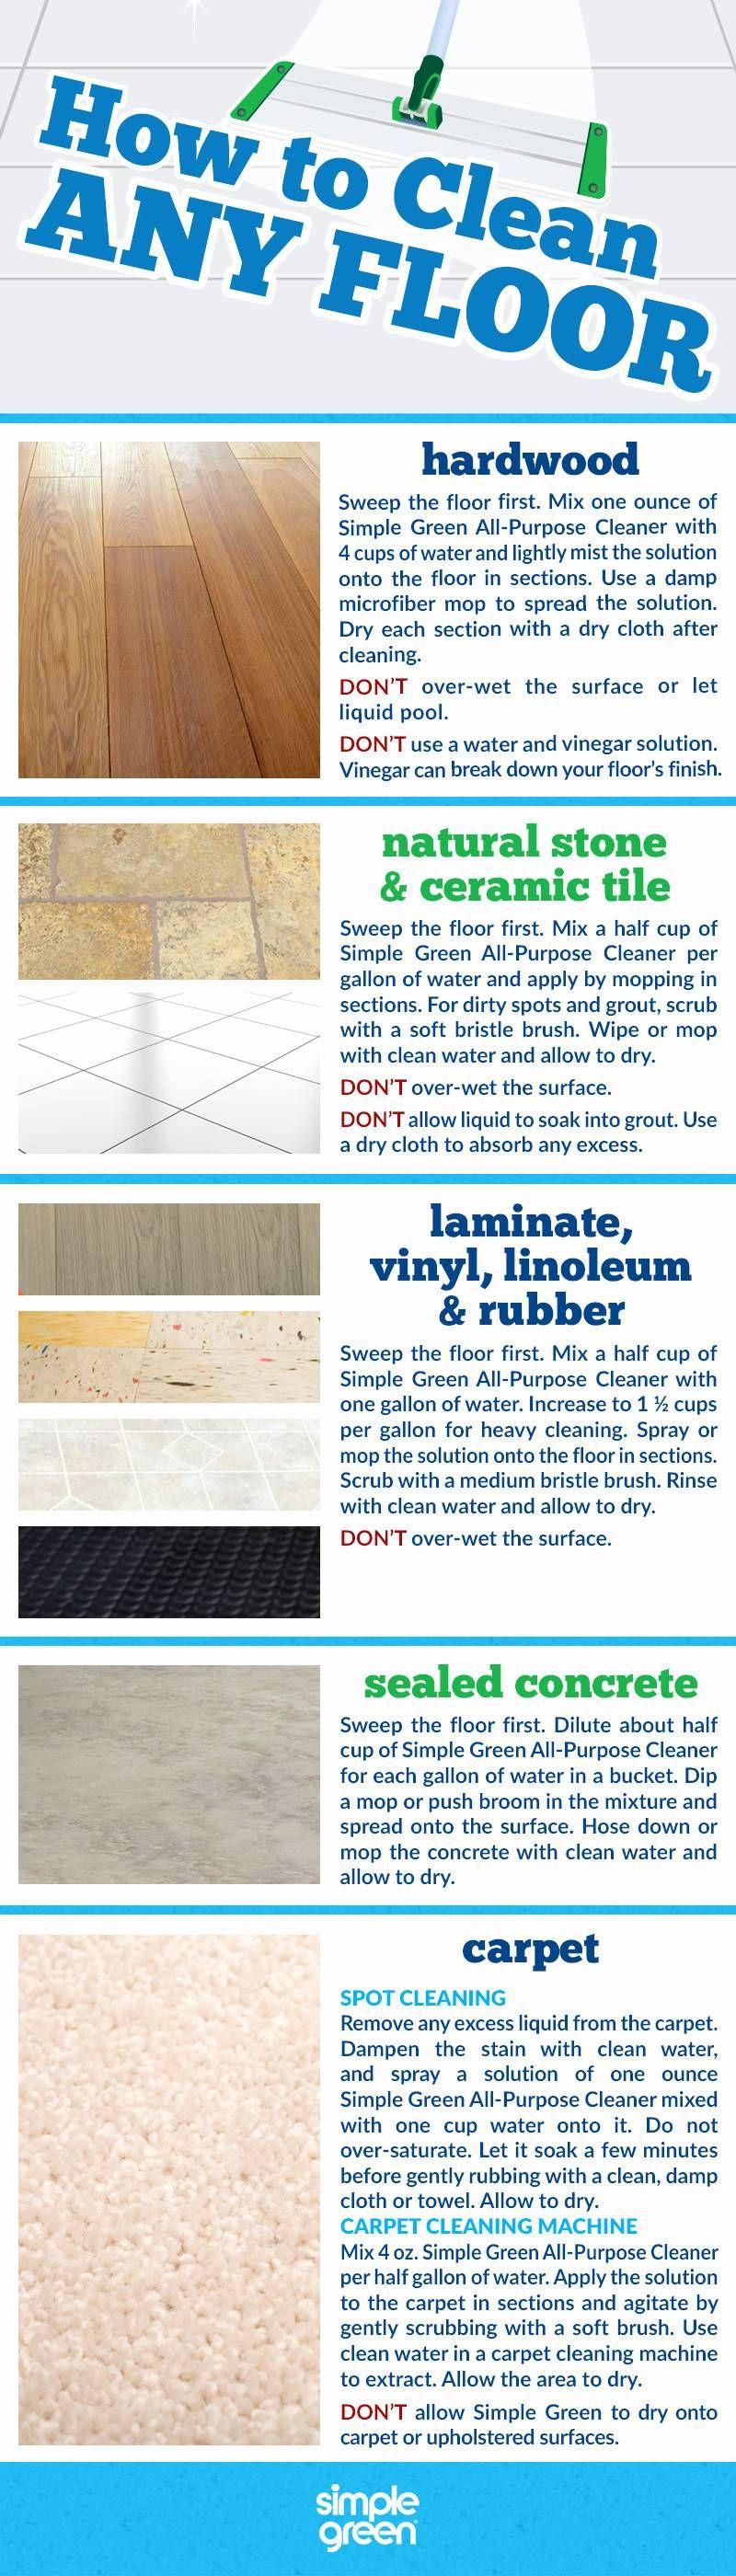 Best Way Clean Tile Floors Vinegar Cleaning Household